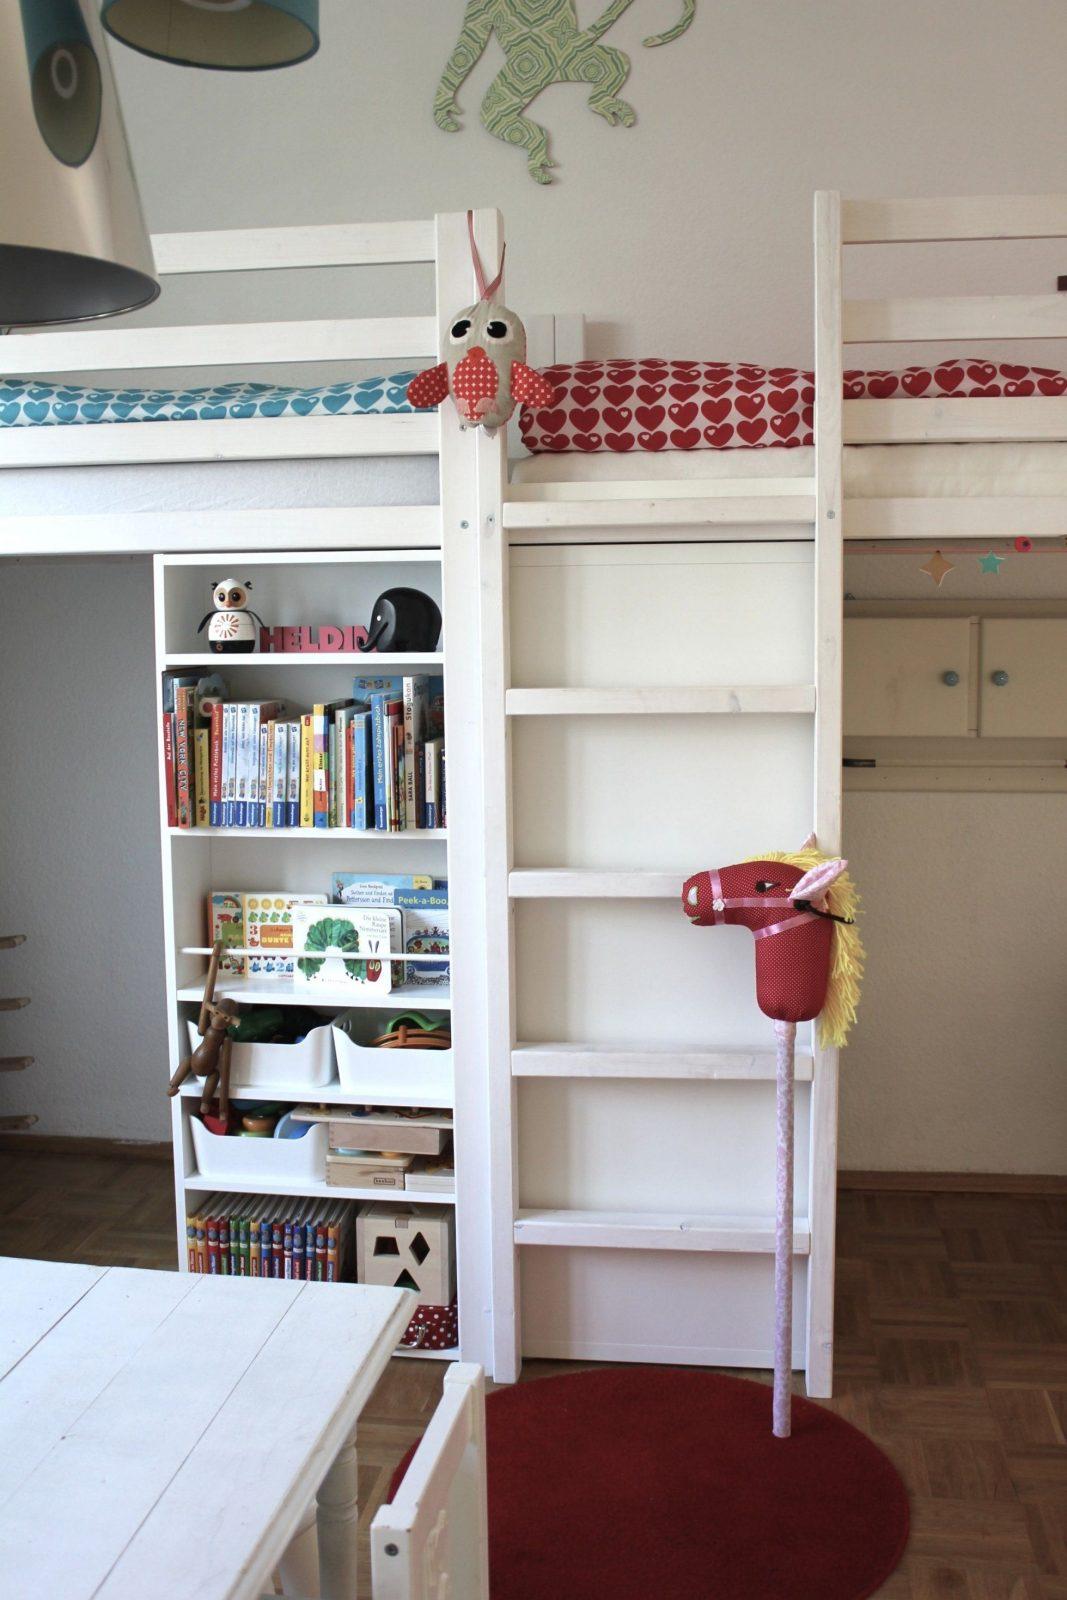 Kinder Doppelhochbett Diy  Kinderzimmer Und Co  Pinterest von Doppel Hochbett Selber Bauen Bild